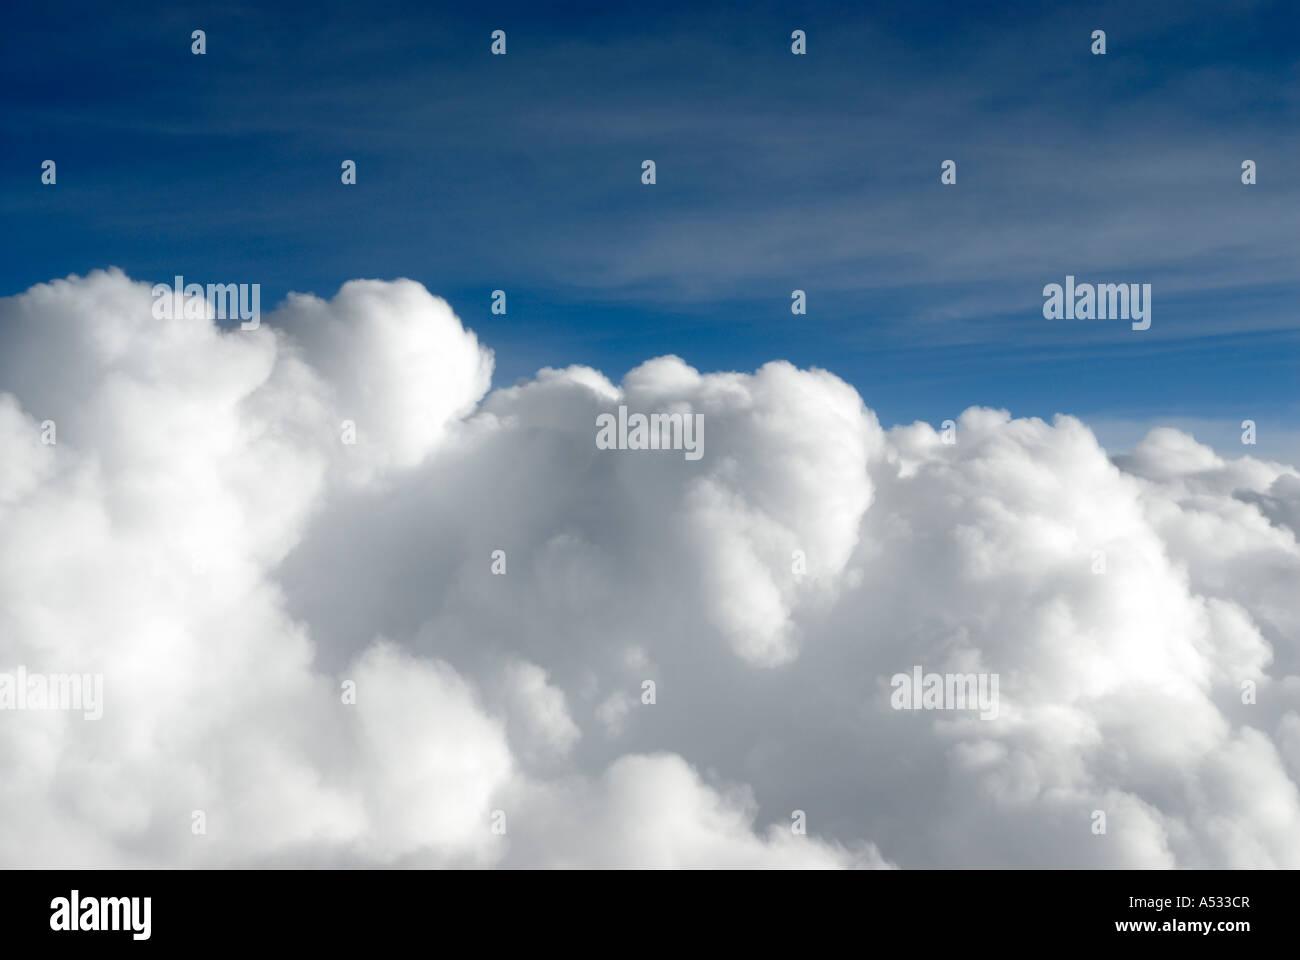 Et de nuages gonflés jusqu'à proximité de avion avec ciel bleu Photo Stock